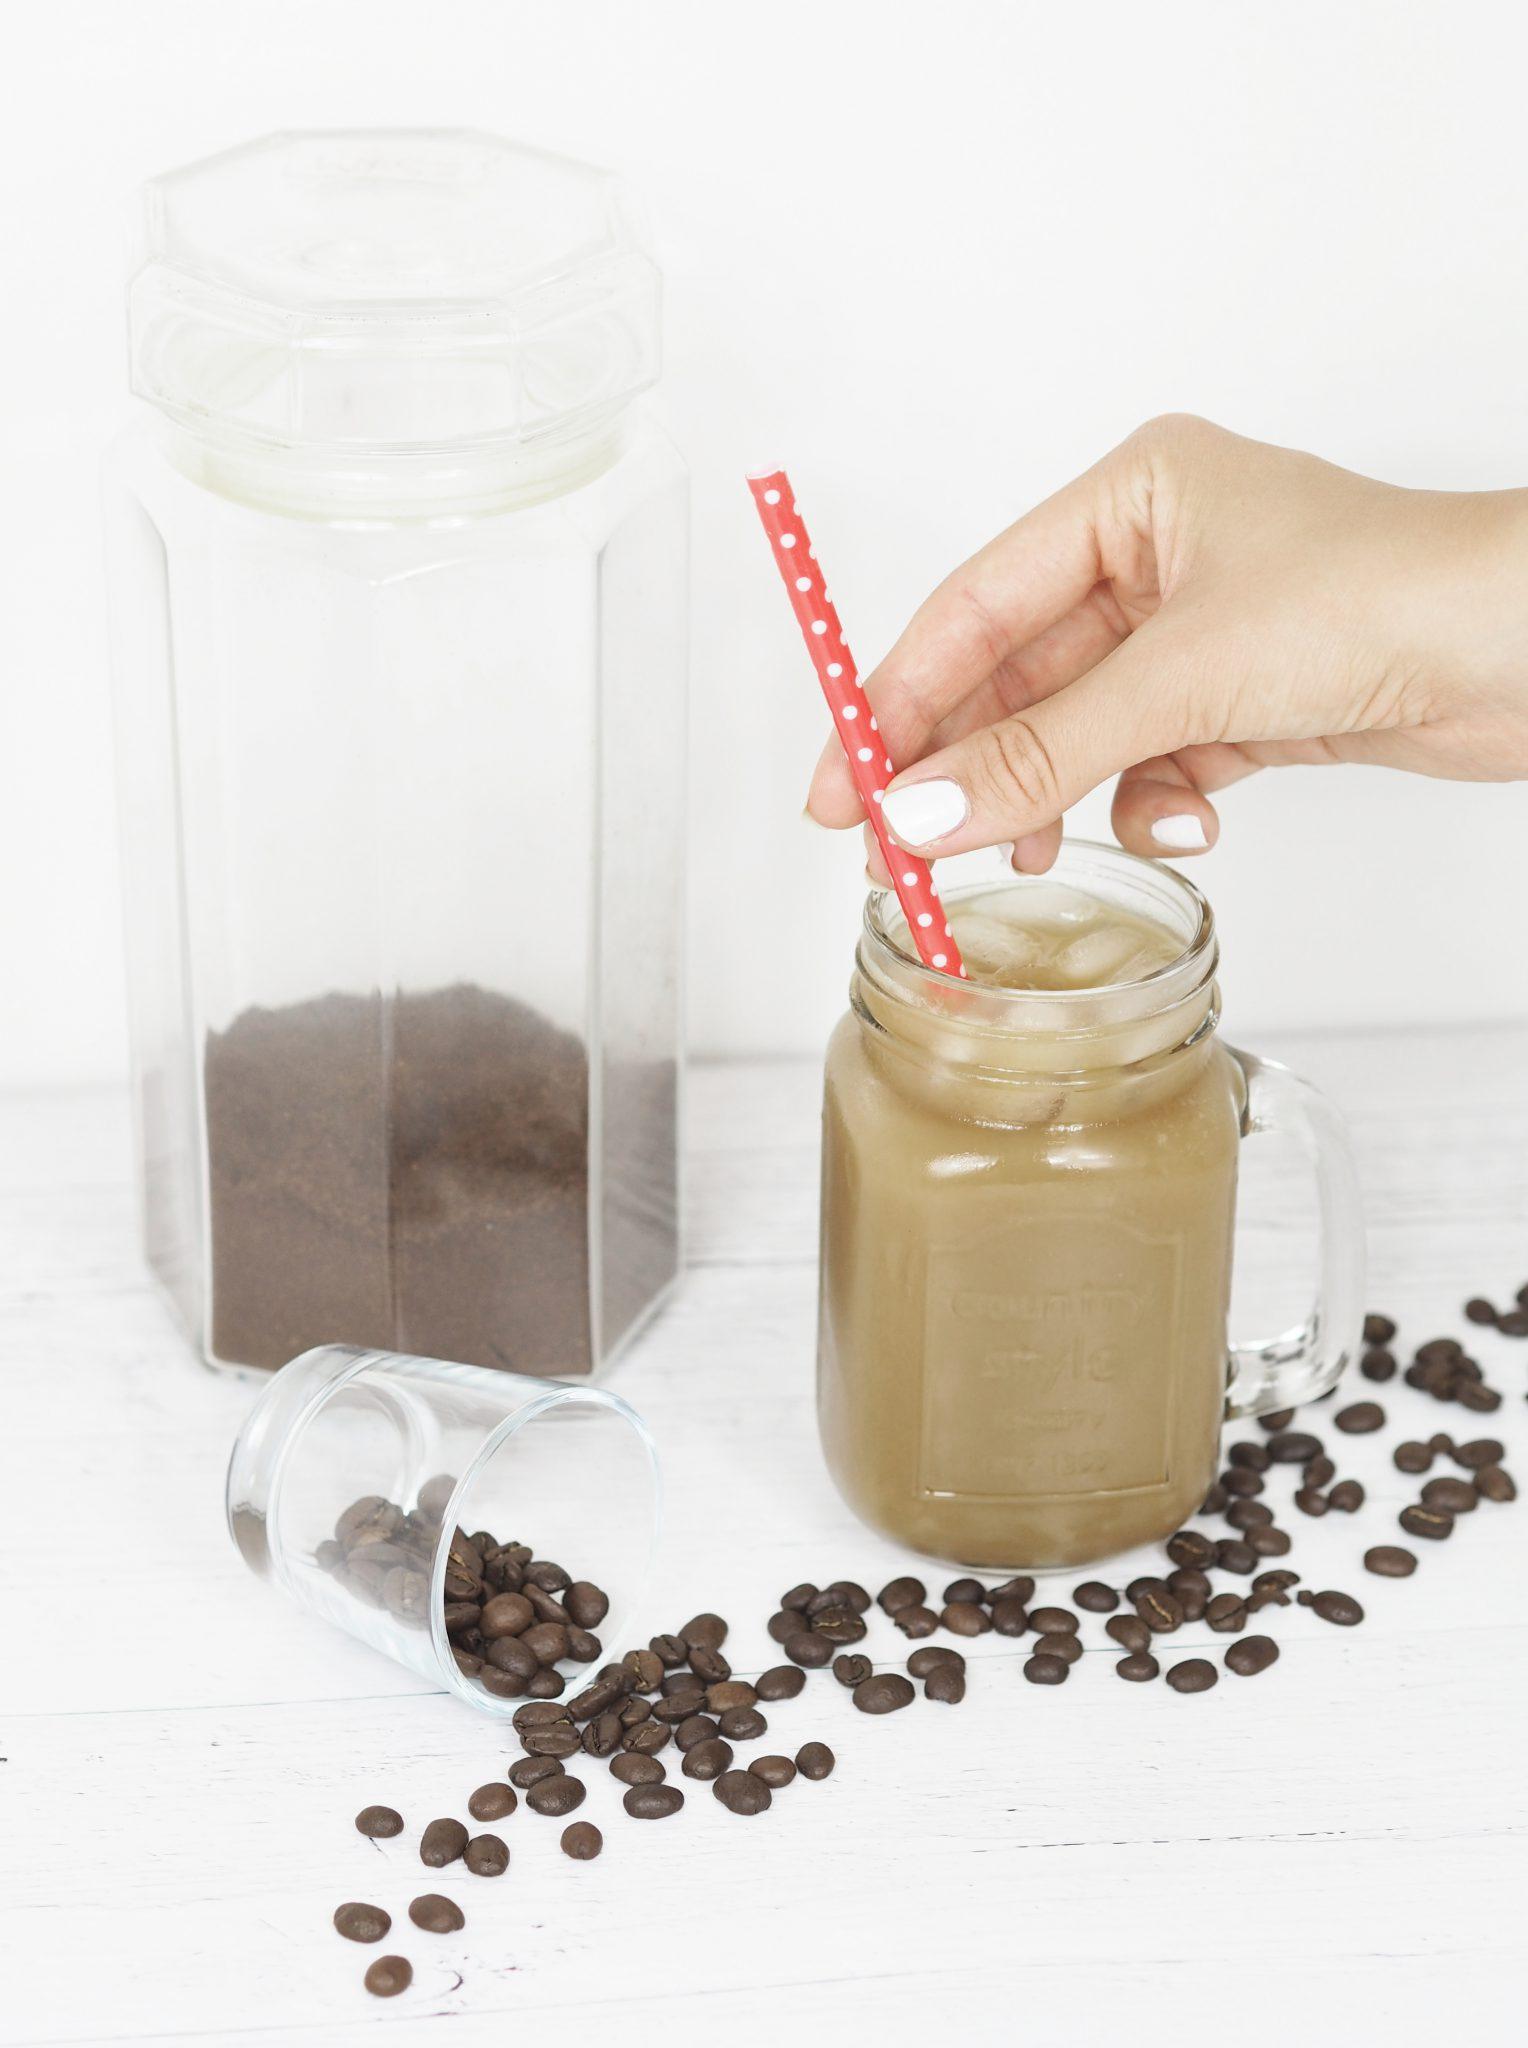 P7060379bearb - Mit Eiskaffee fit und erfrischt in den Sommer